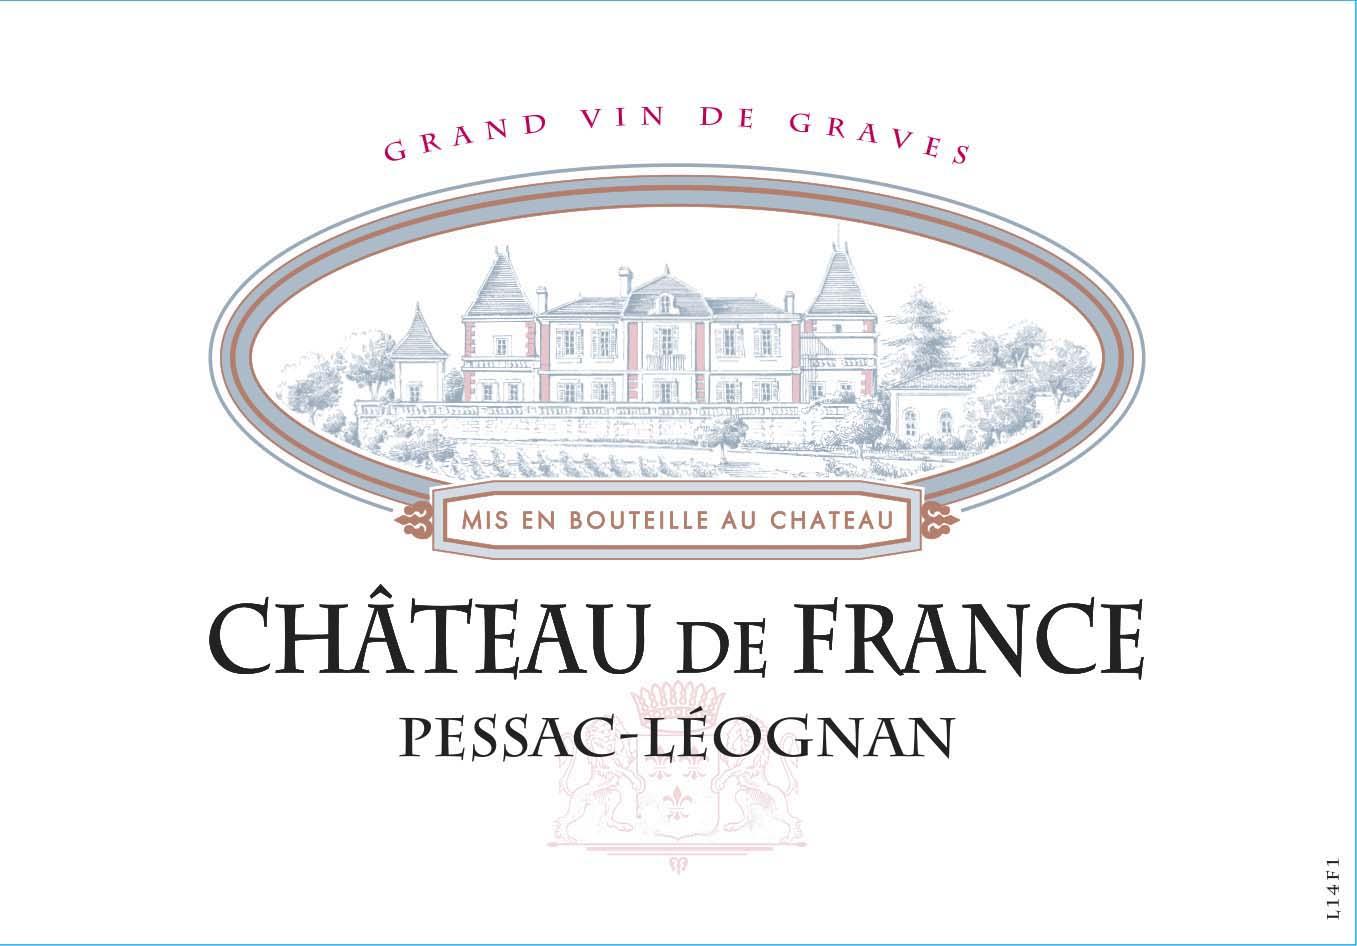 Chateau de France Rouge